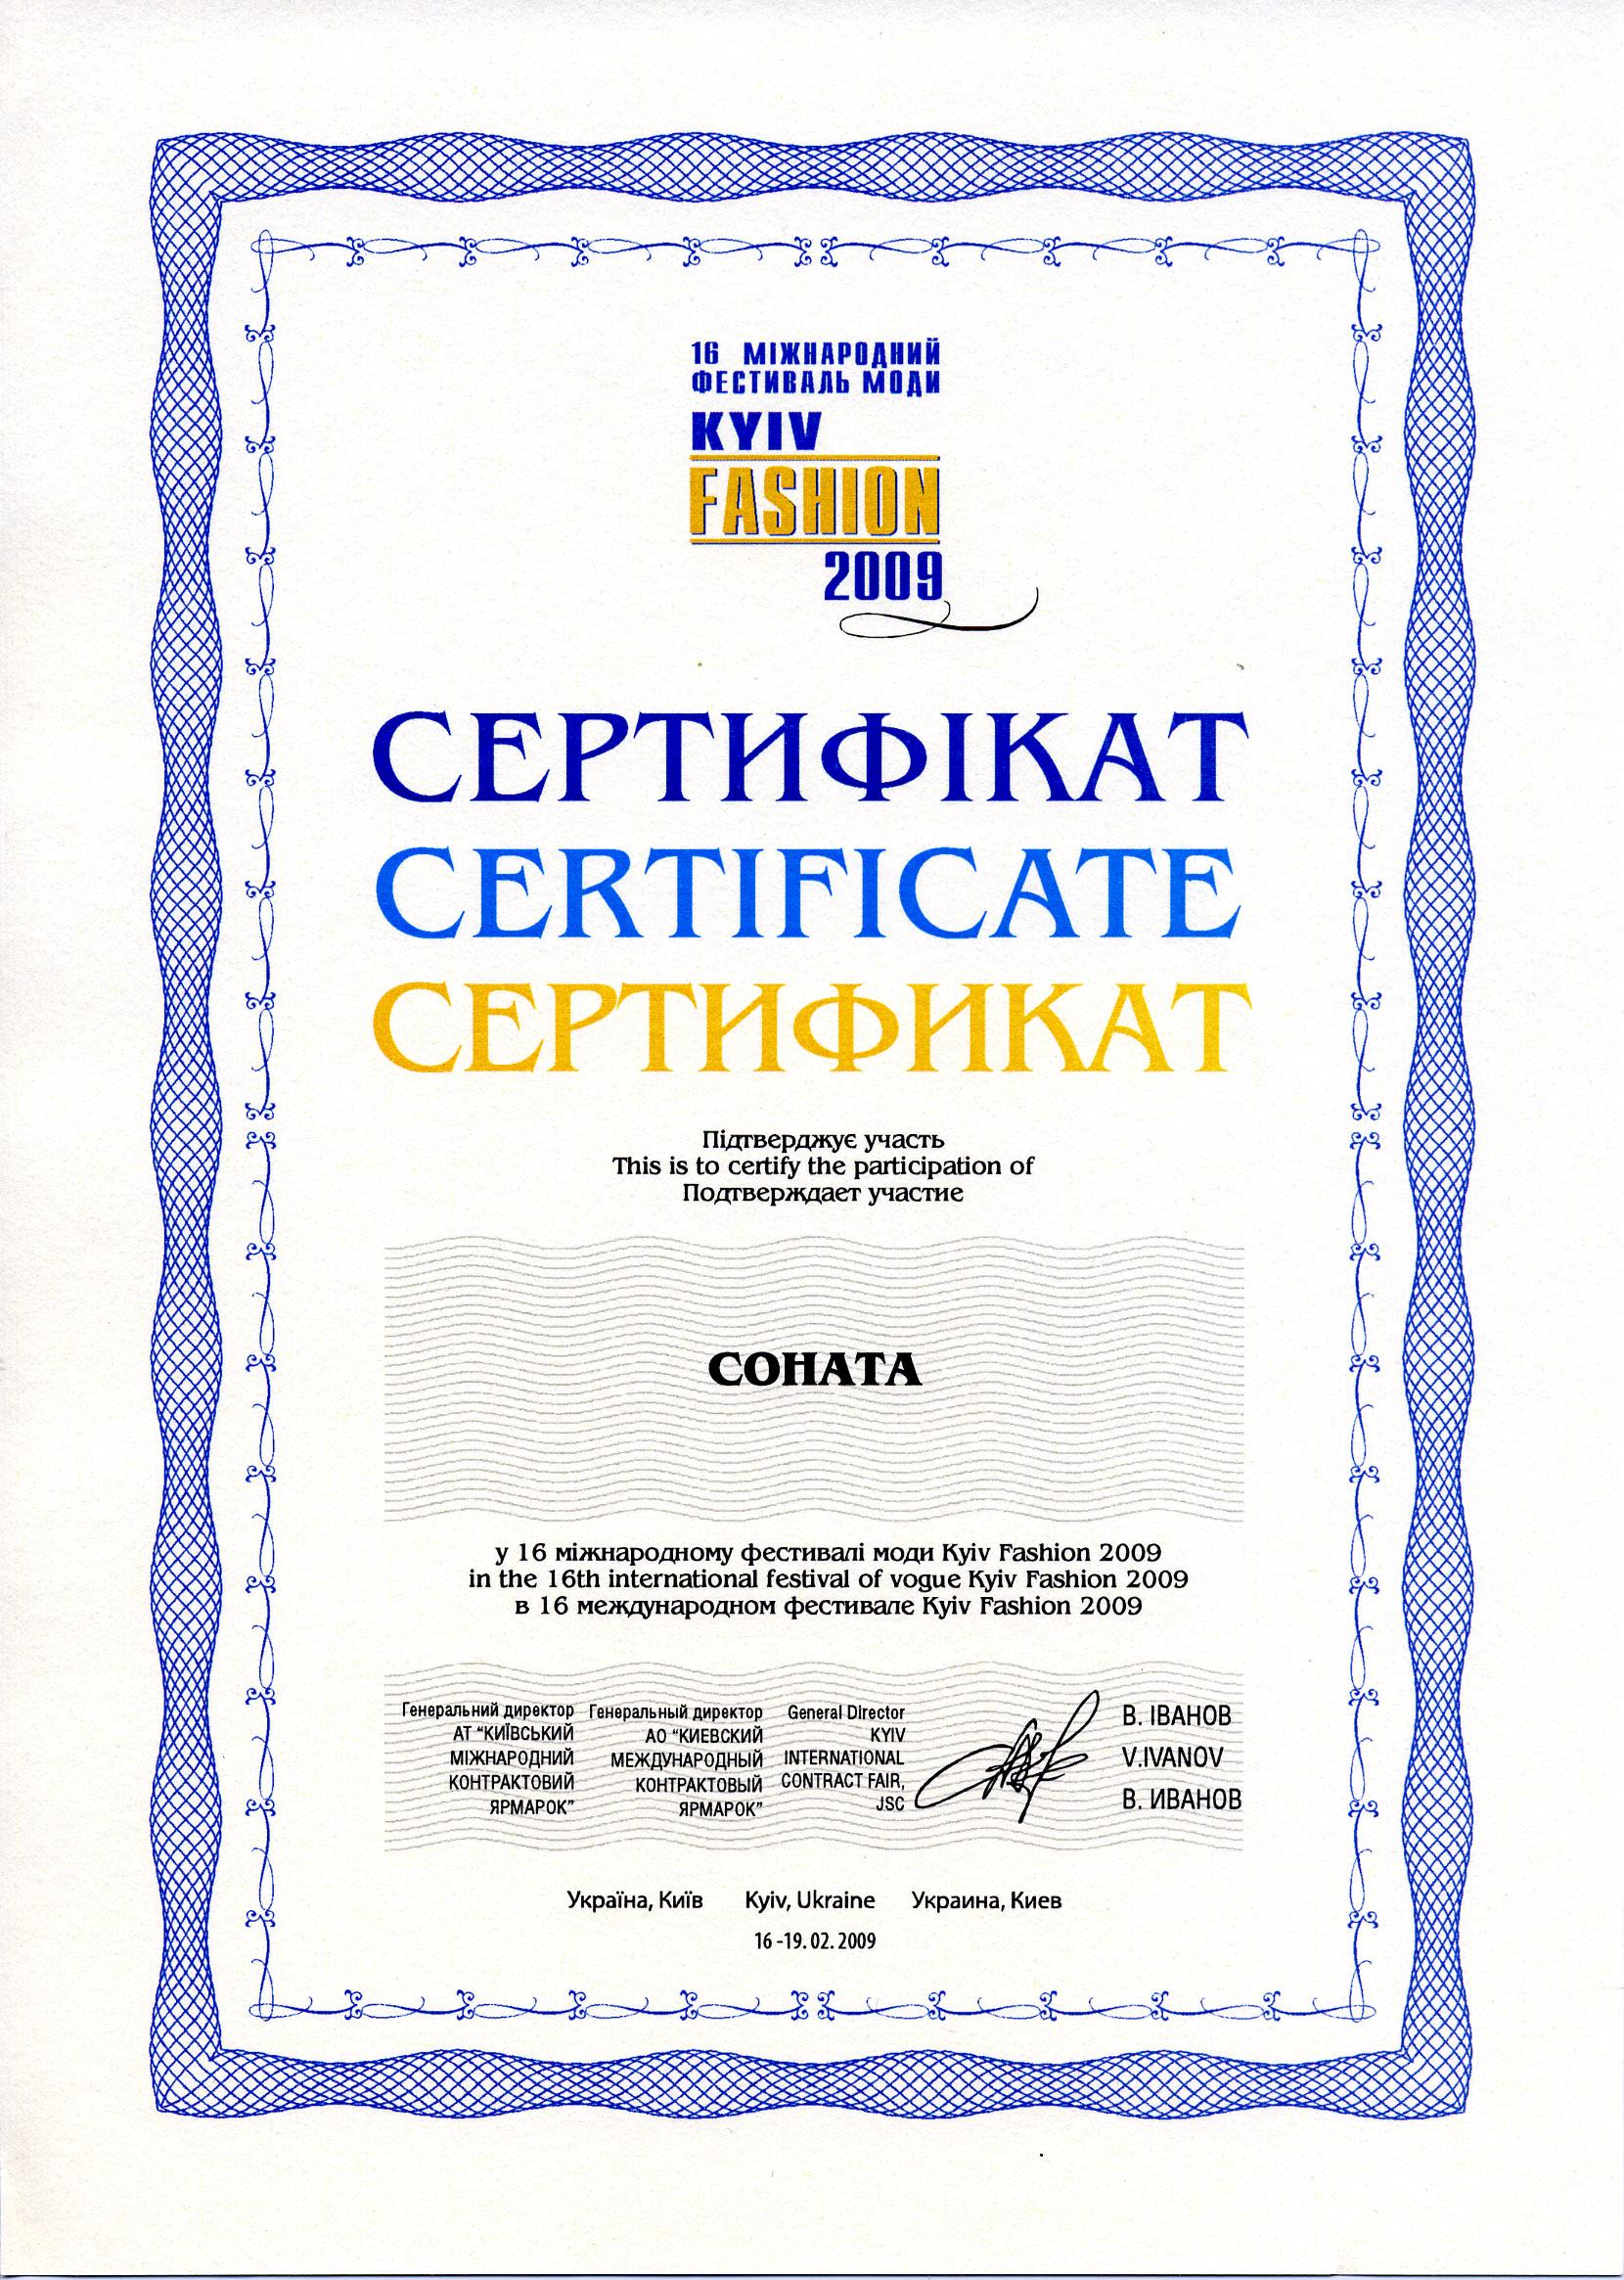 Диплом Соната за участие в международном фестивале моды